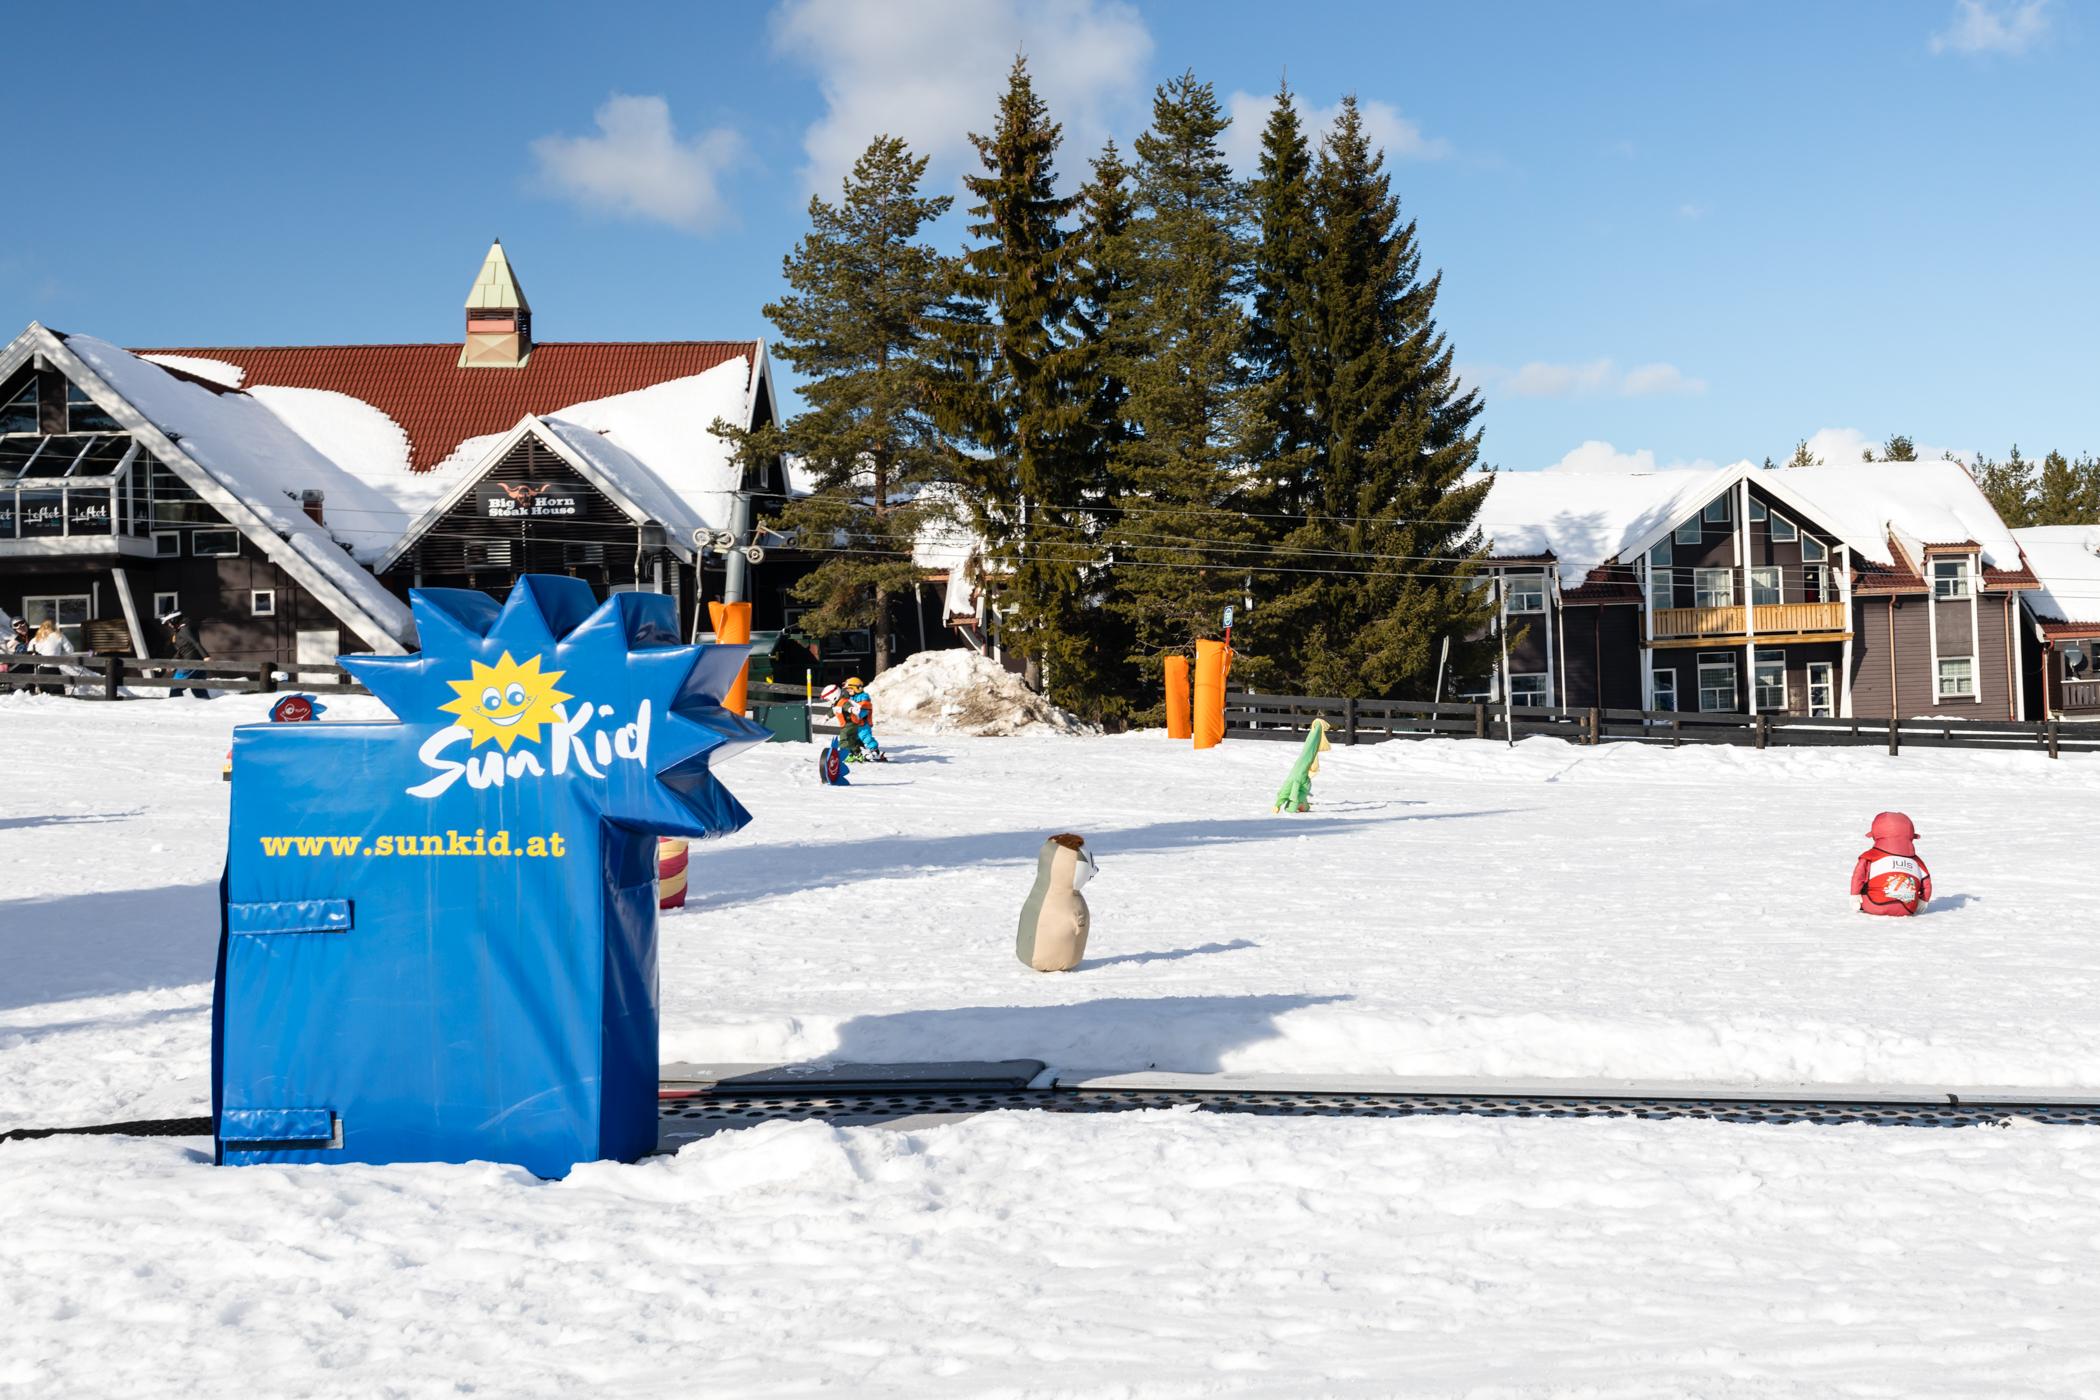 Skiskolens tæppelift i centrum af Trysil Turistsenter